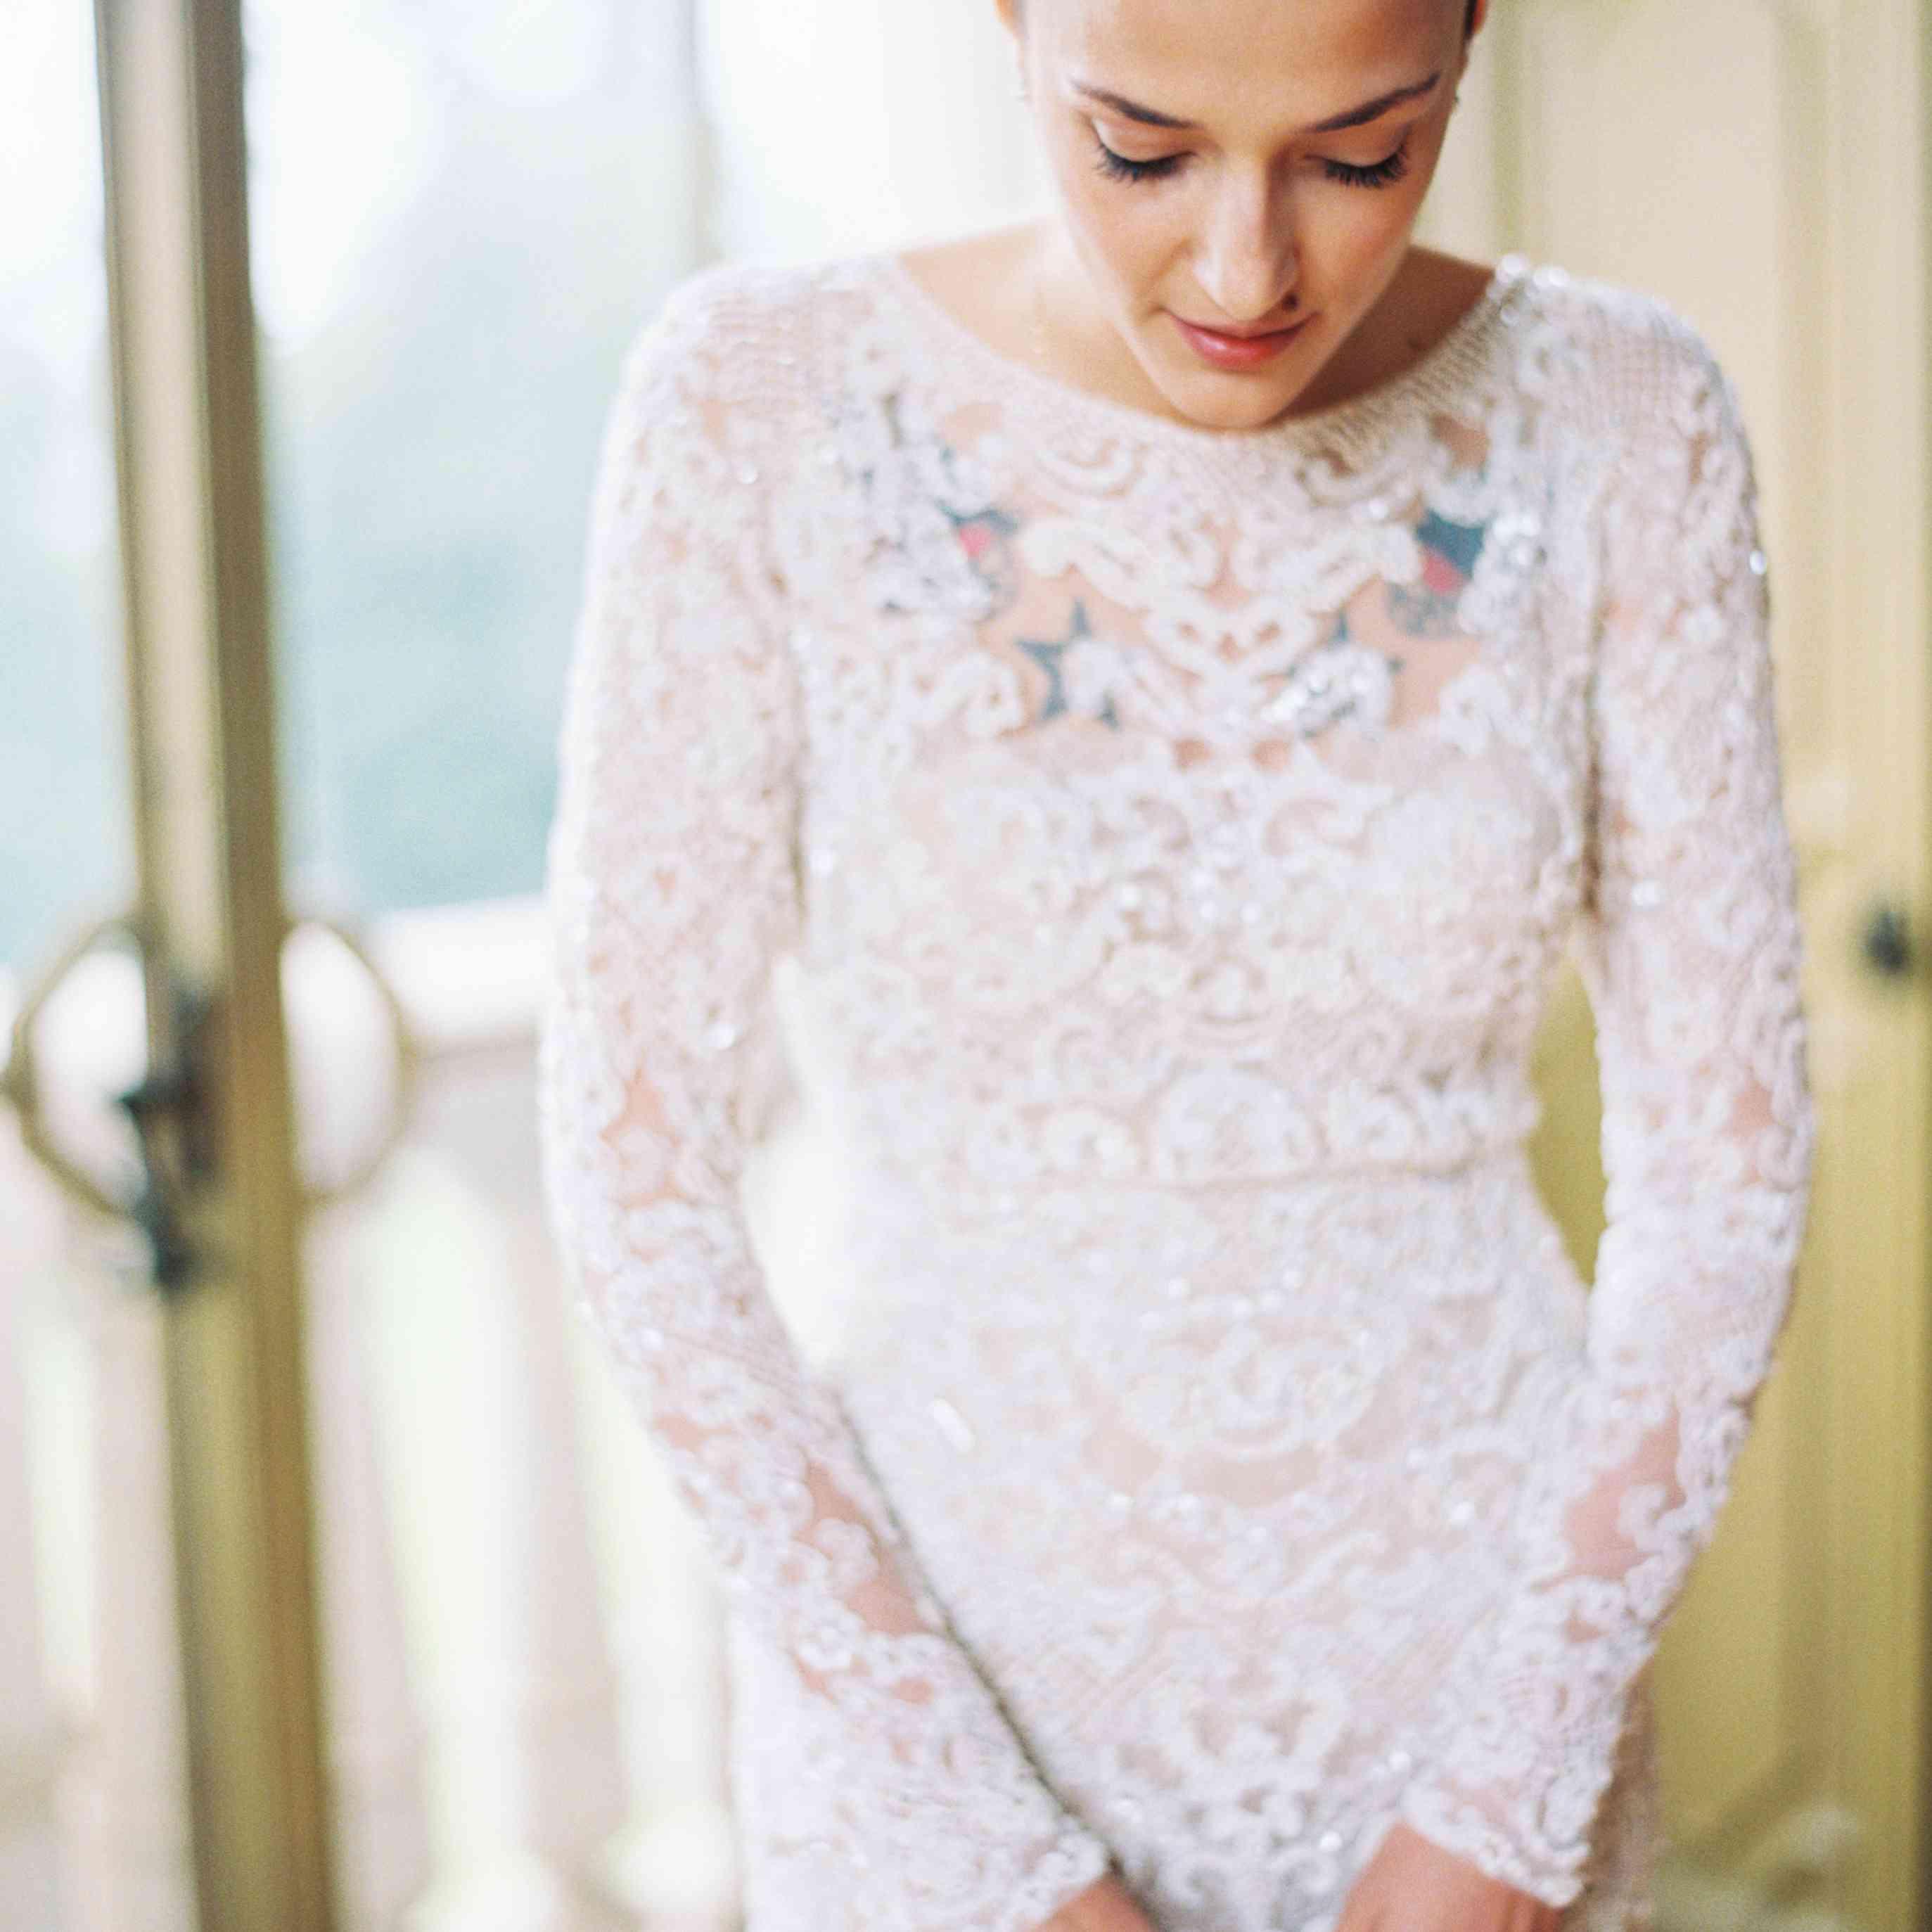 Northern Italian Wedding, Elie Saab